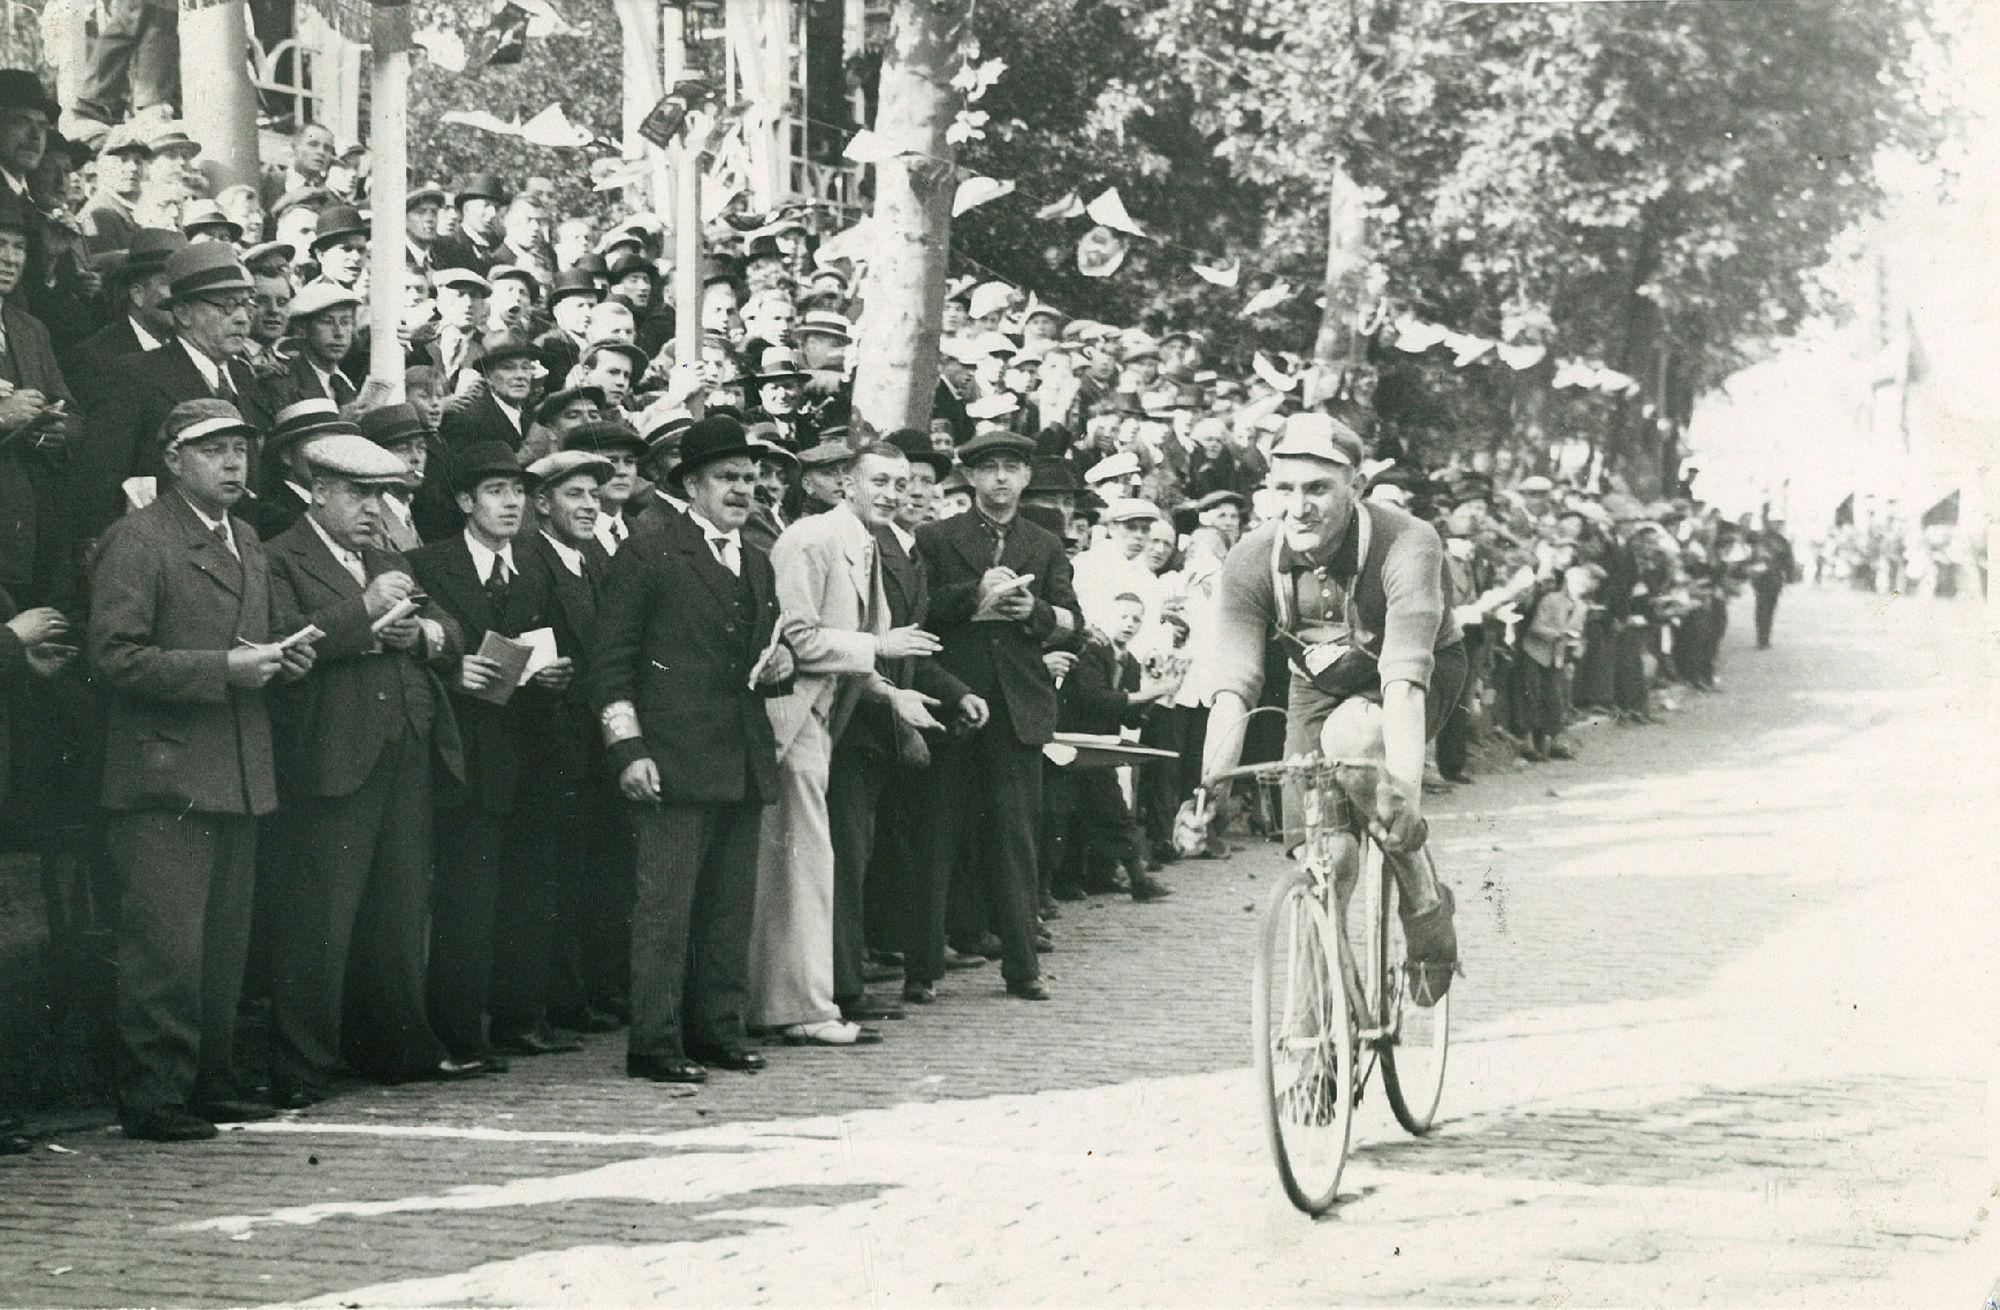 Wielrenner Douws in 1938